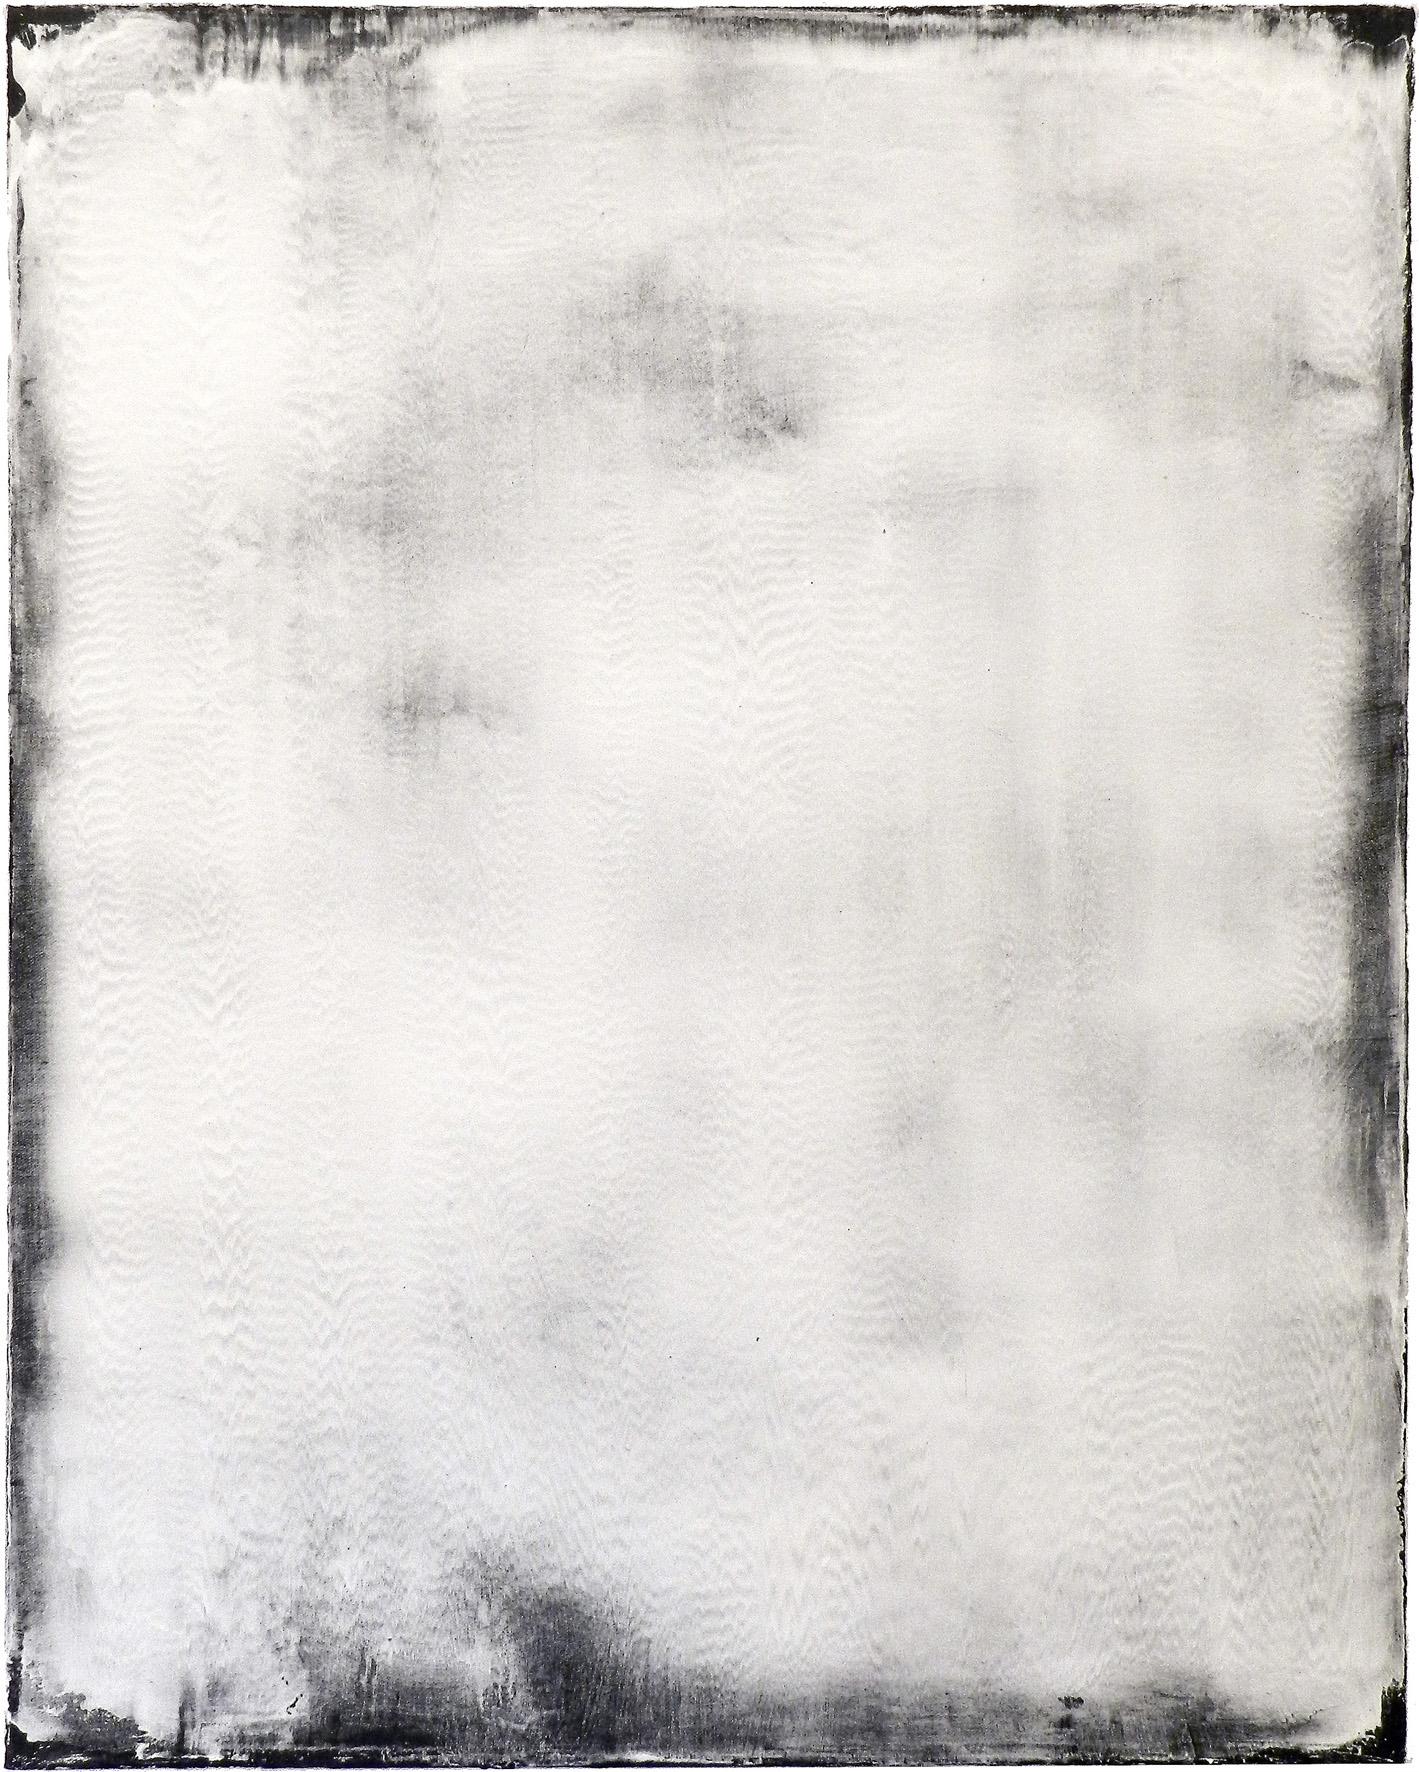 Hideaki Yamanobe_Two Feelings 2015-8, 2015, Acryl-Mischtechnik auf Leinwand, 100 x 80 cm.jpg